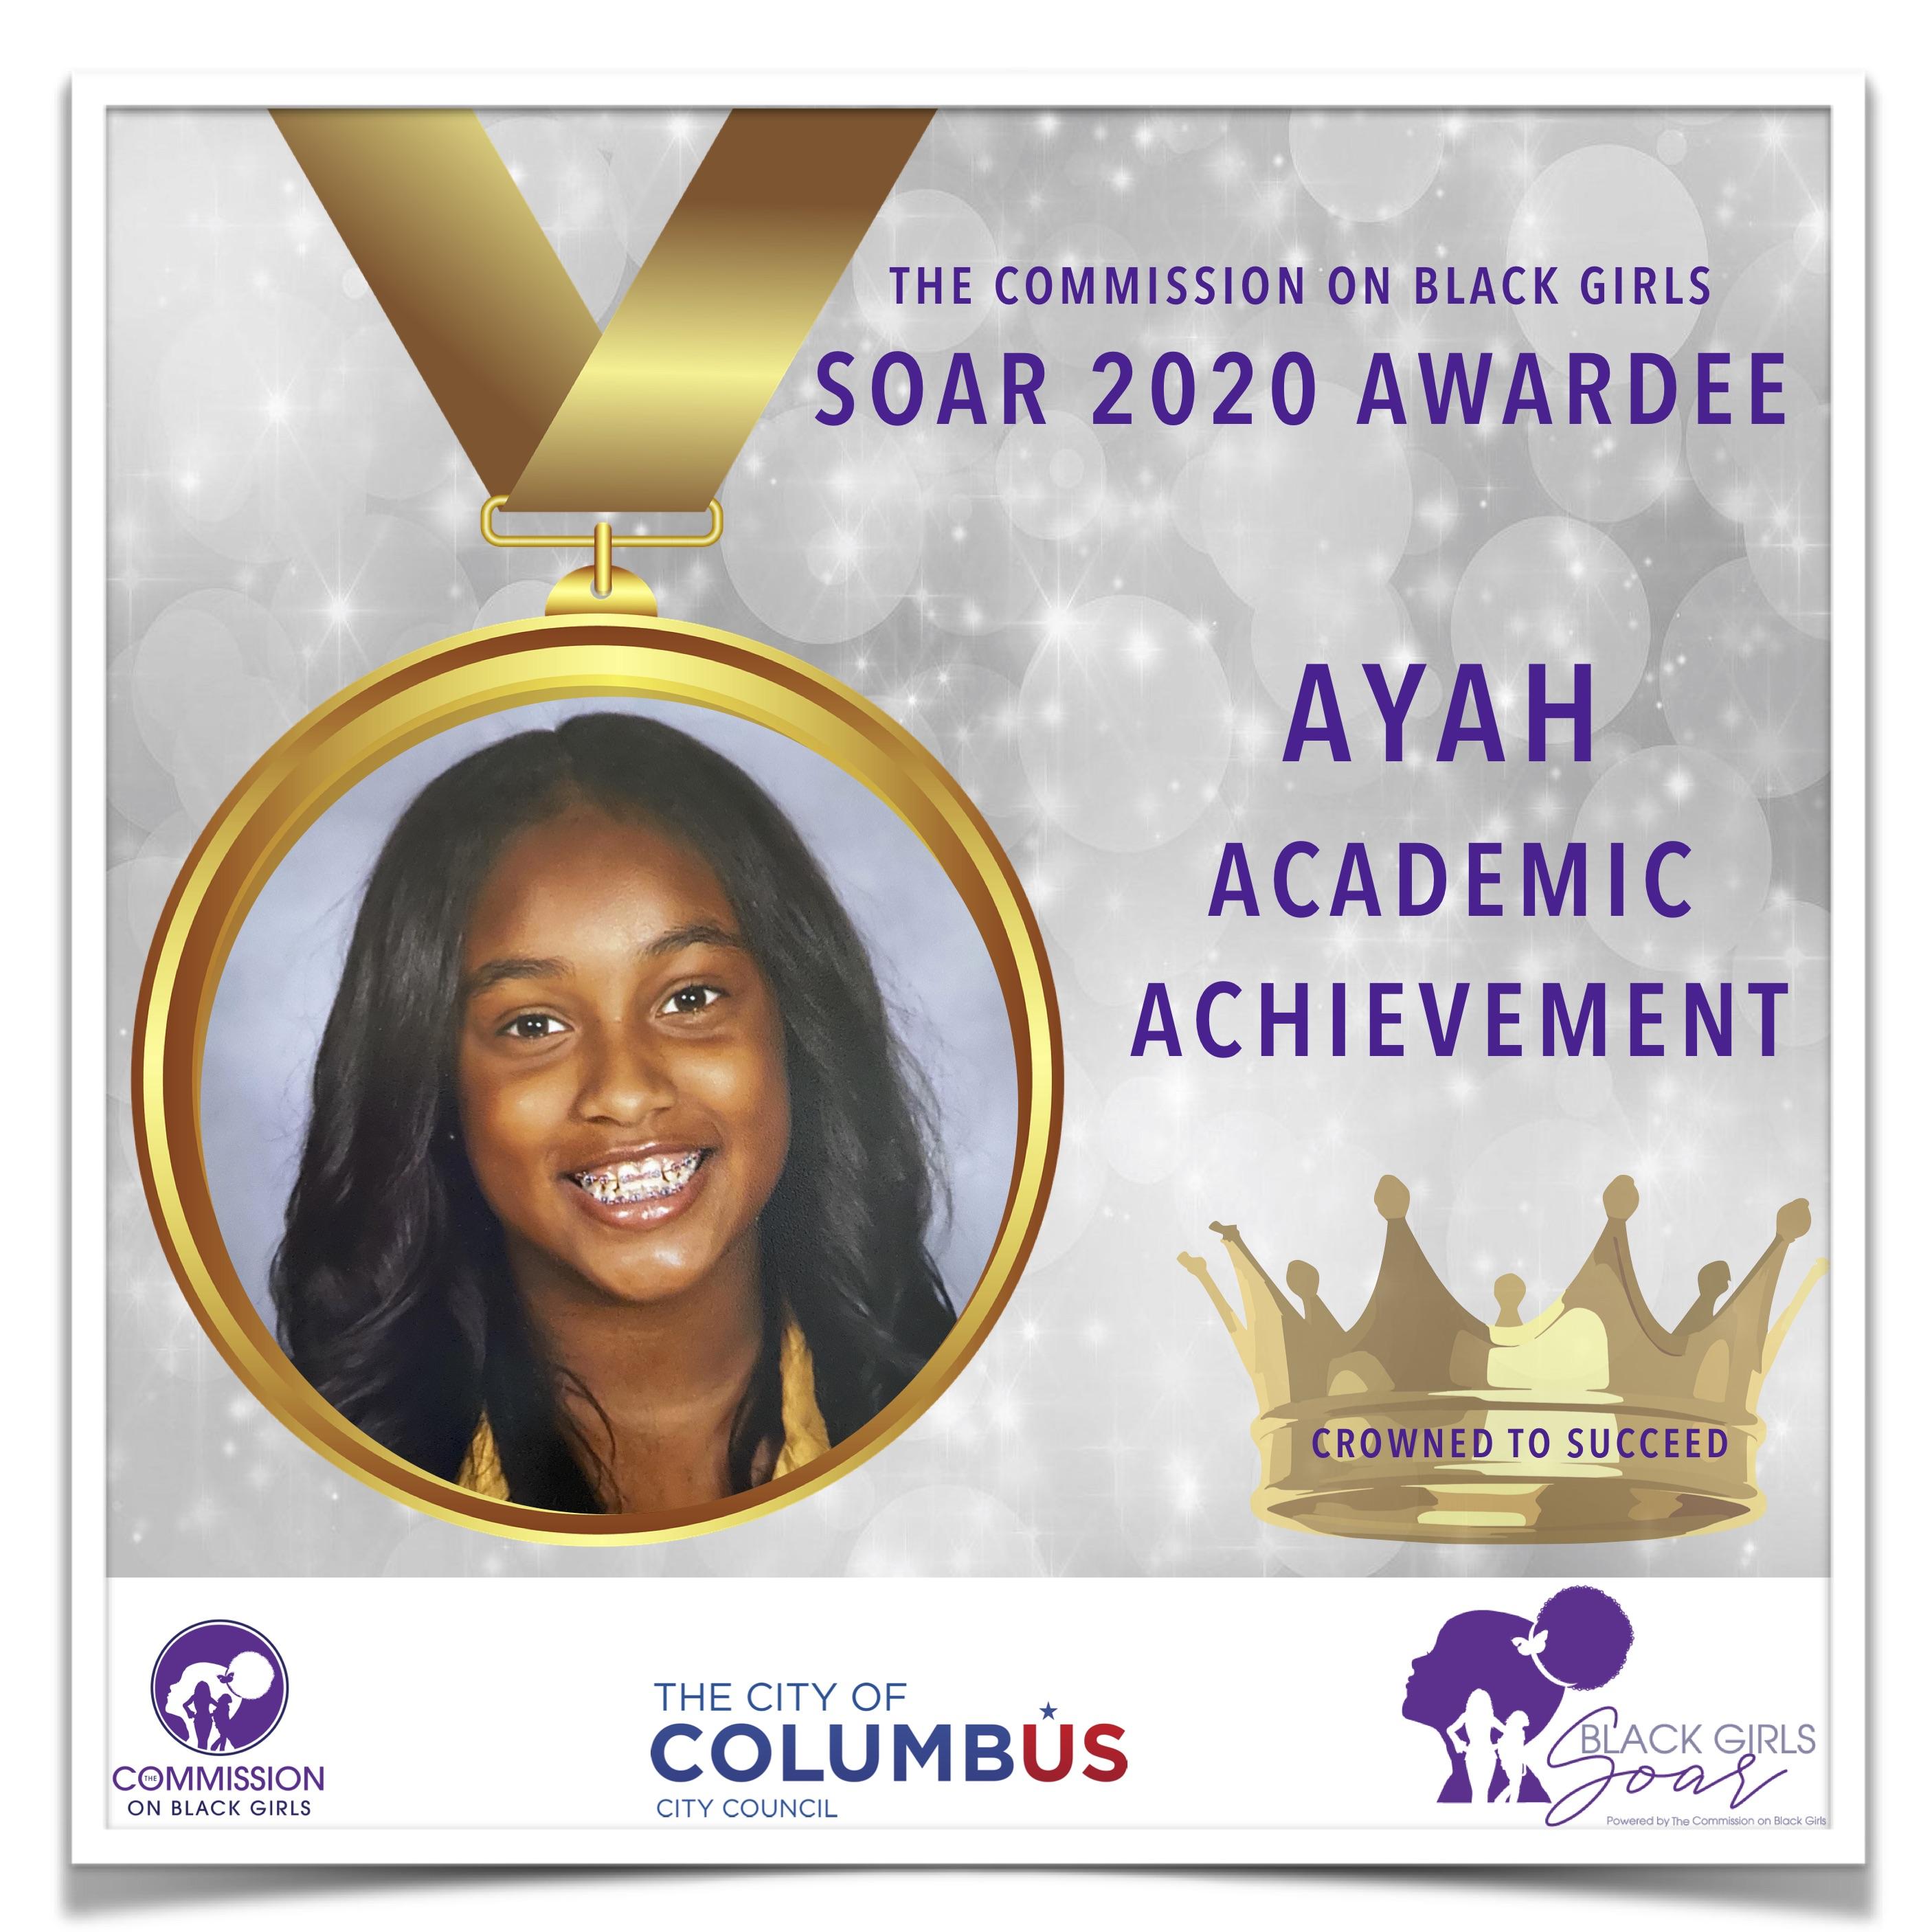 26 SOAR 2020 Ayah Academic Achievement